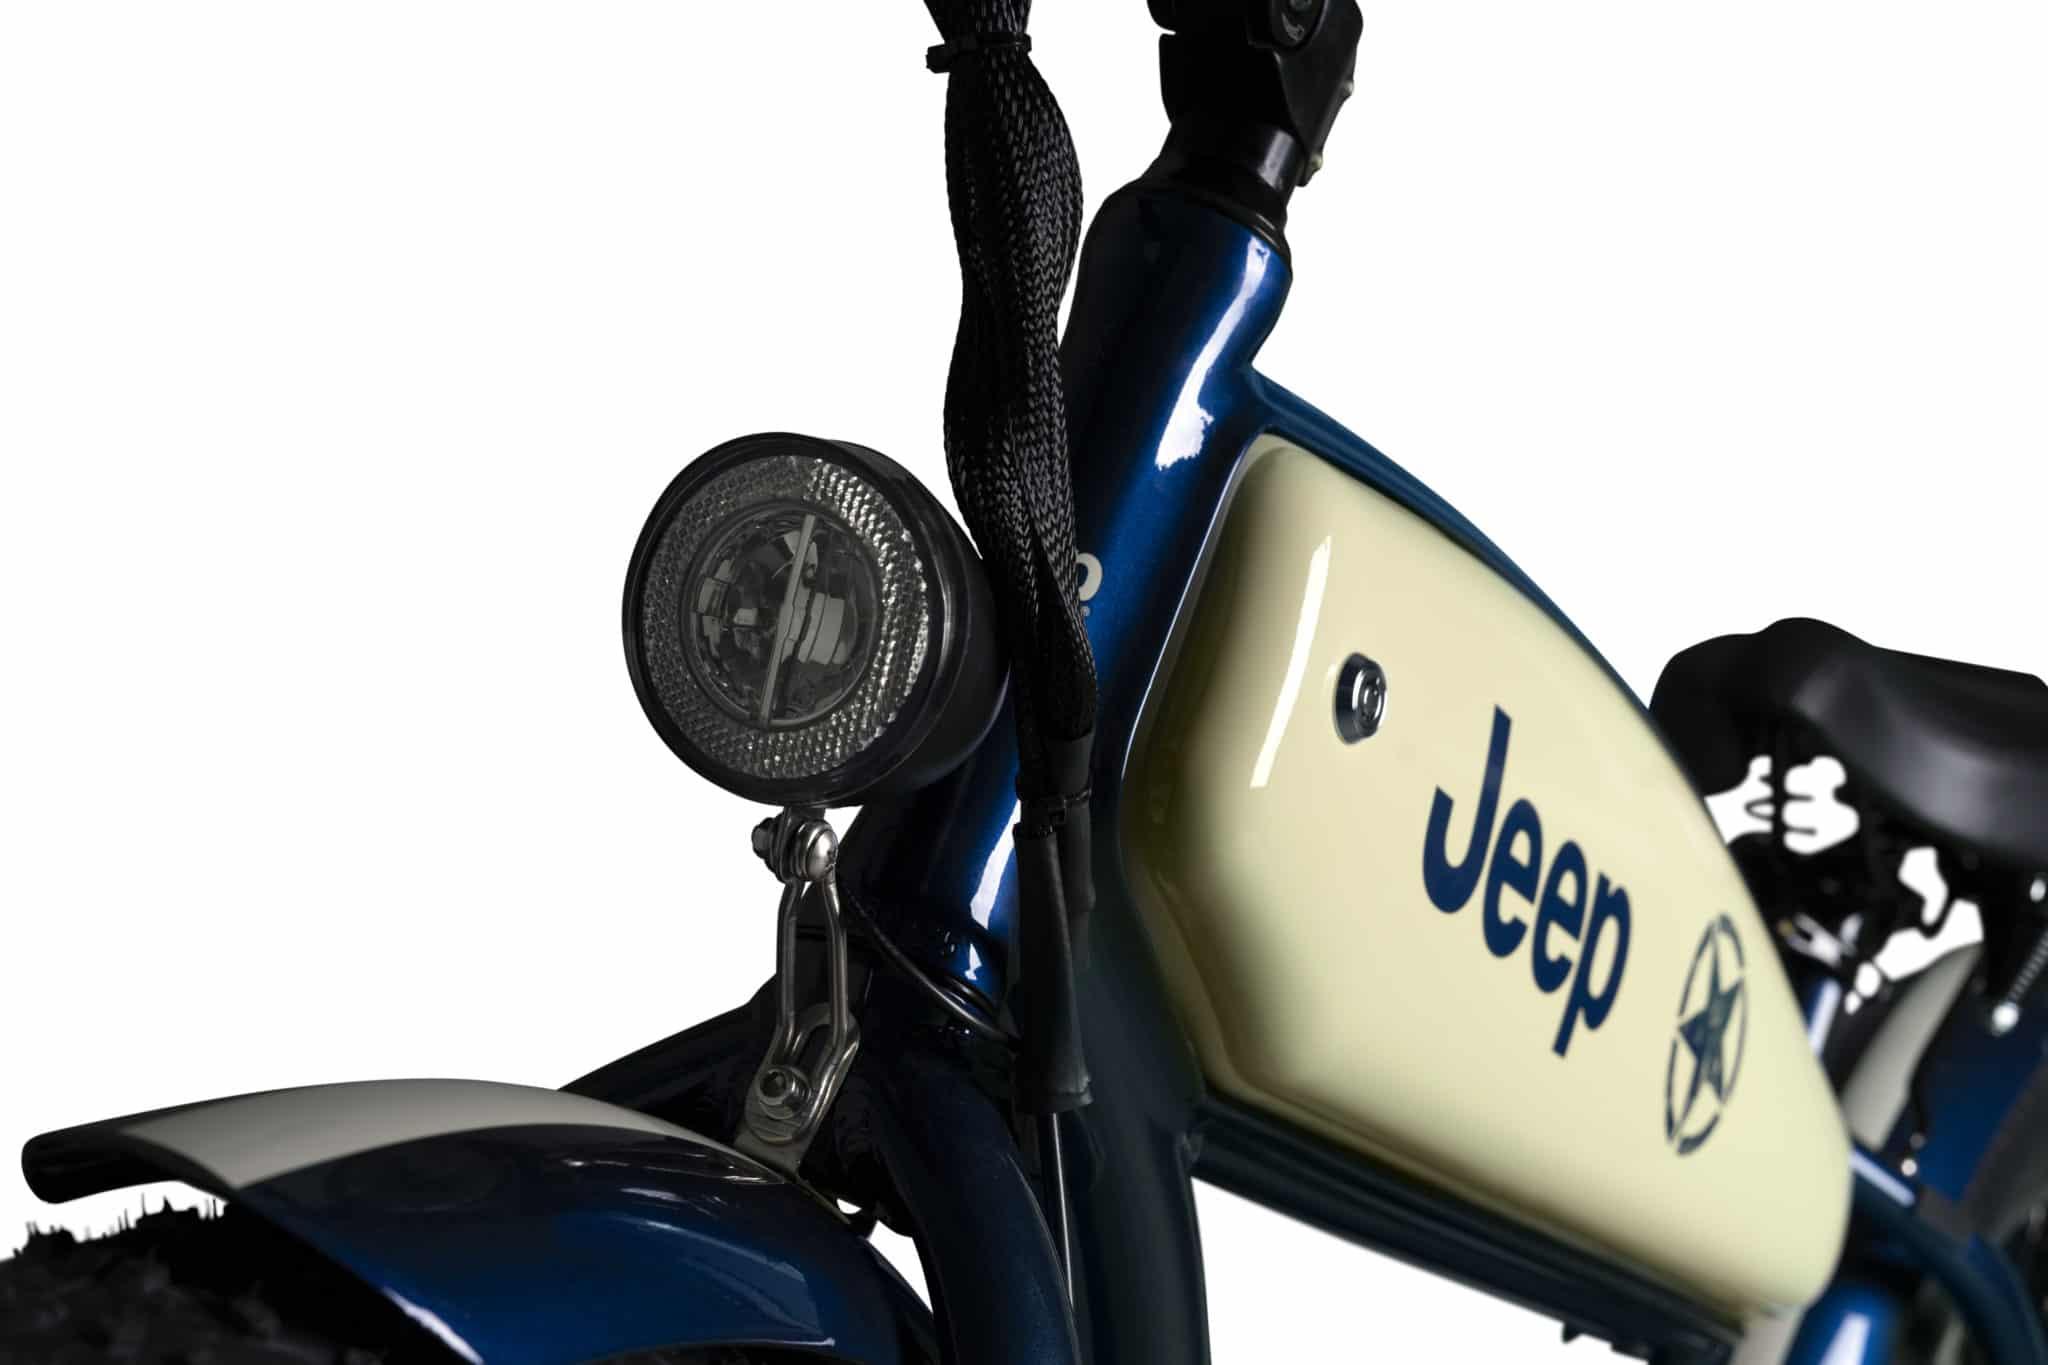 Beleuchtung am Jeep Cruiser E-Bike